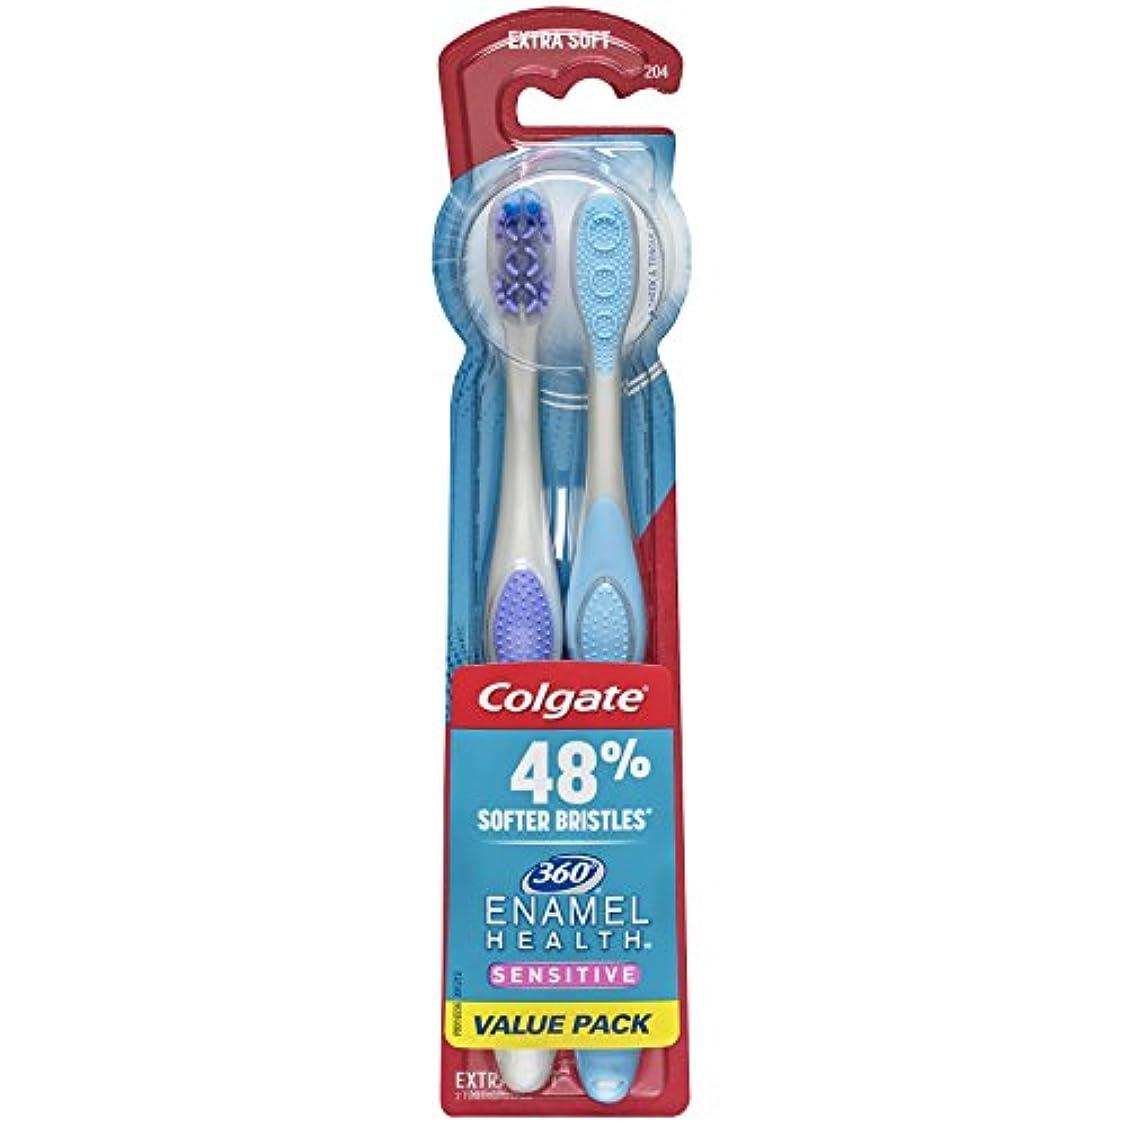 ロイヤリティミシン軽Colgate エナメル健康に敏感な歯ブラシ、エクストラソフト、2カラット